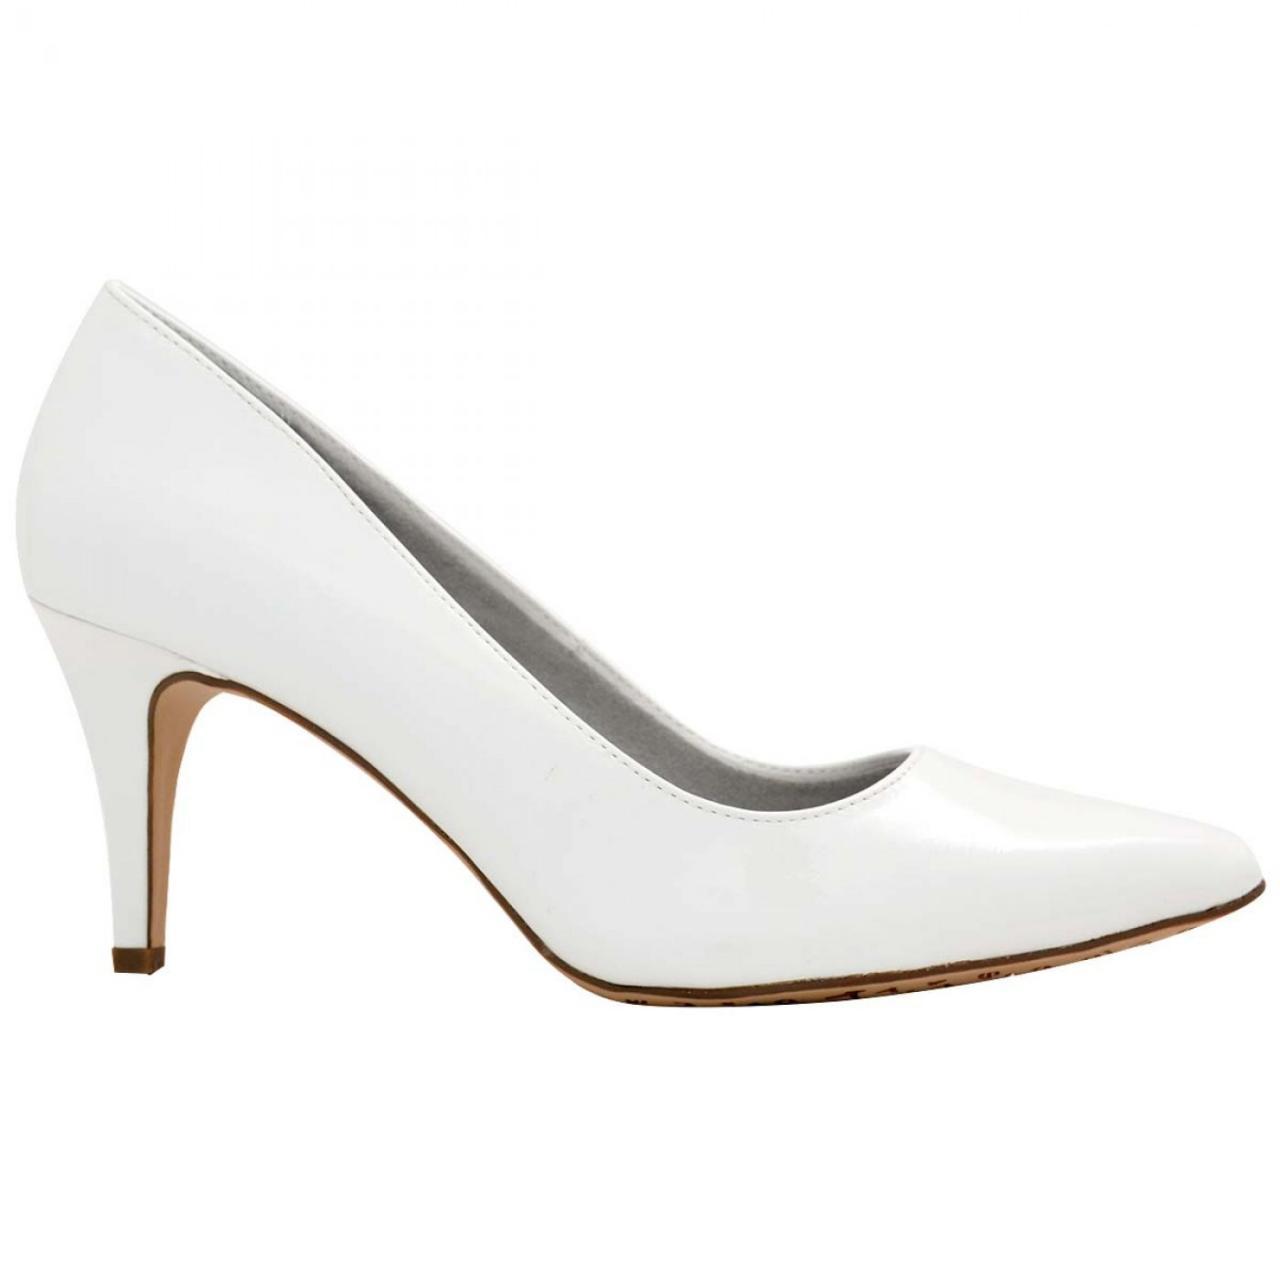 صورة احذية كعب عالي ابيض , اجمل موديلات الاحذية البيضاء